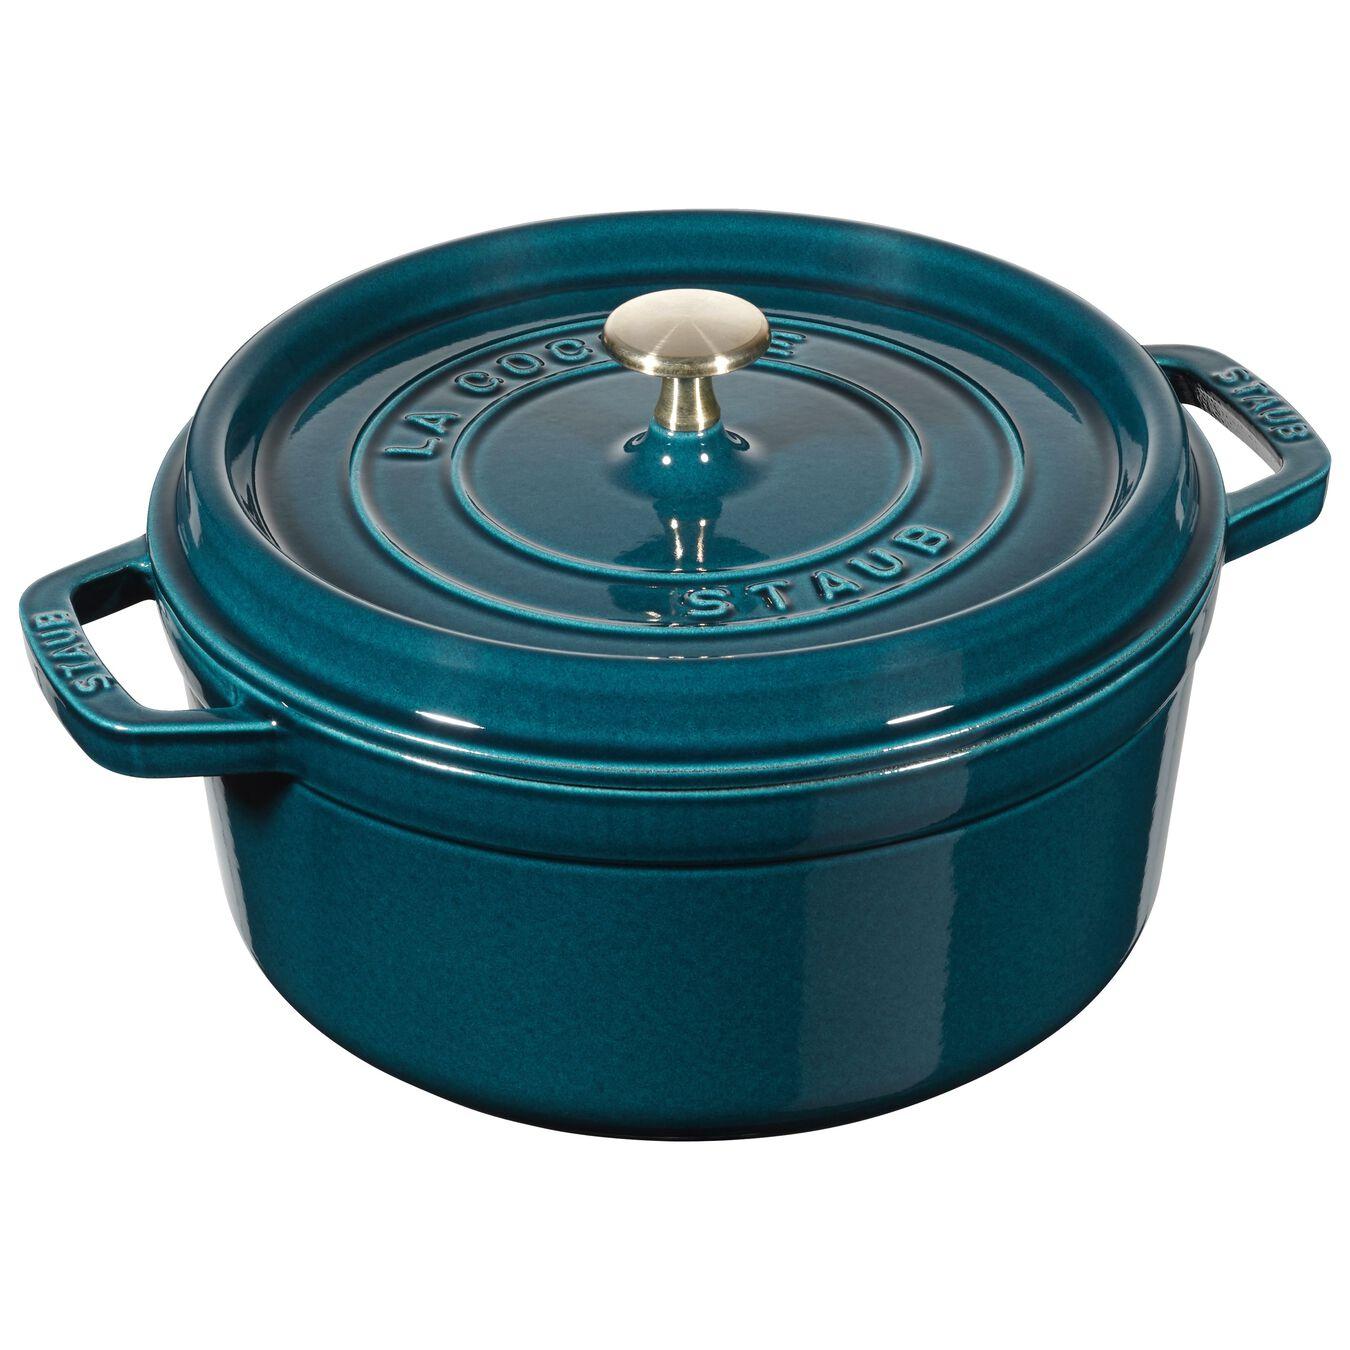 Cocotte en fonte 24 cm / 3,8 l, Rond, Blue La-Mer,,large 8